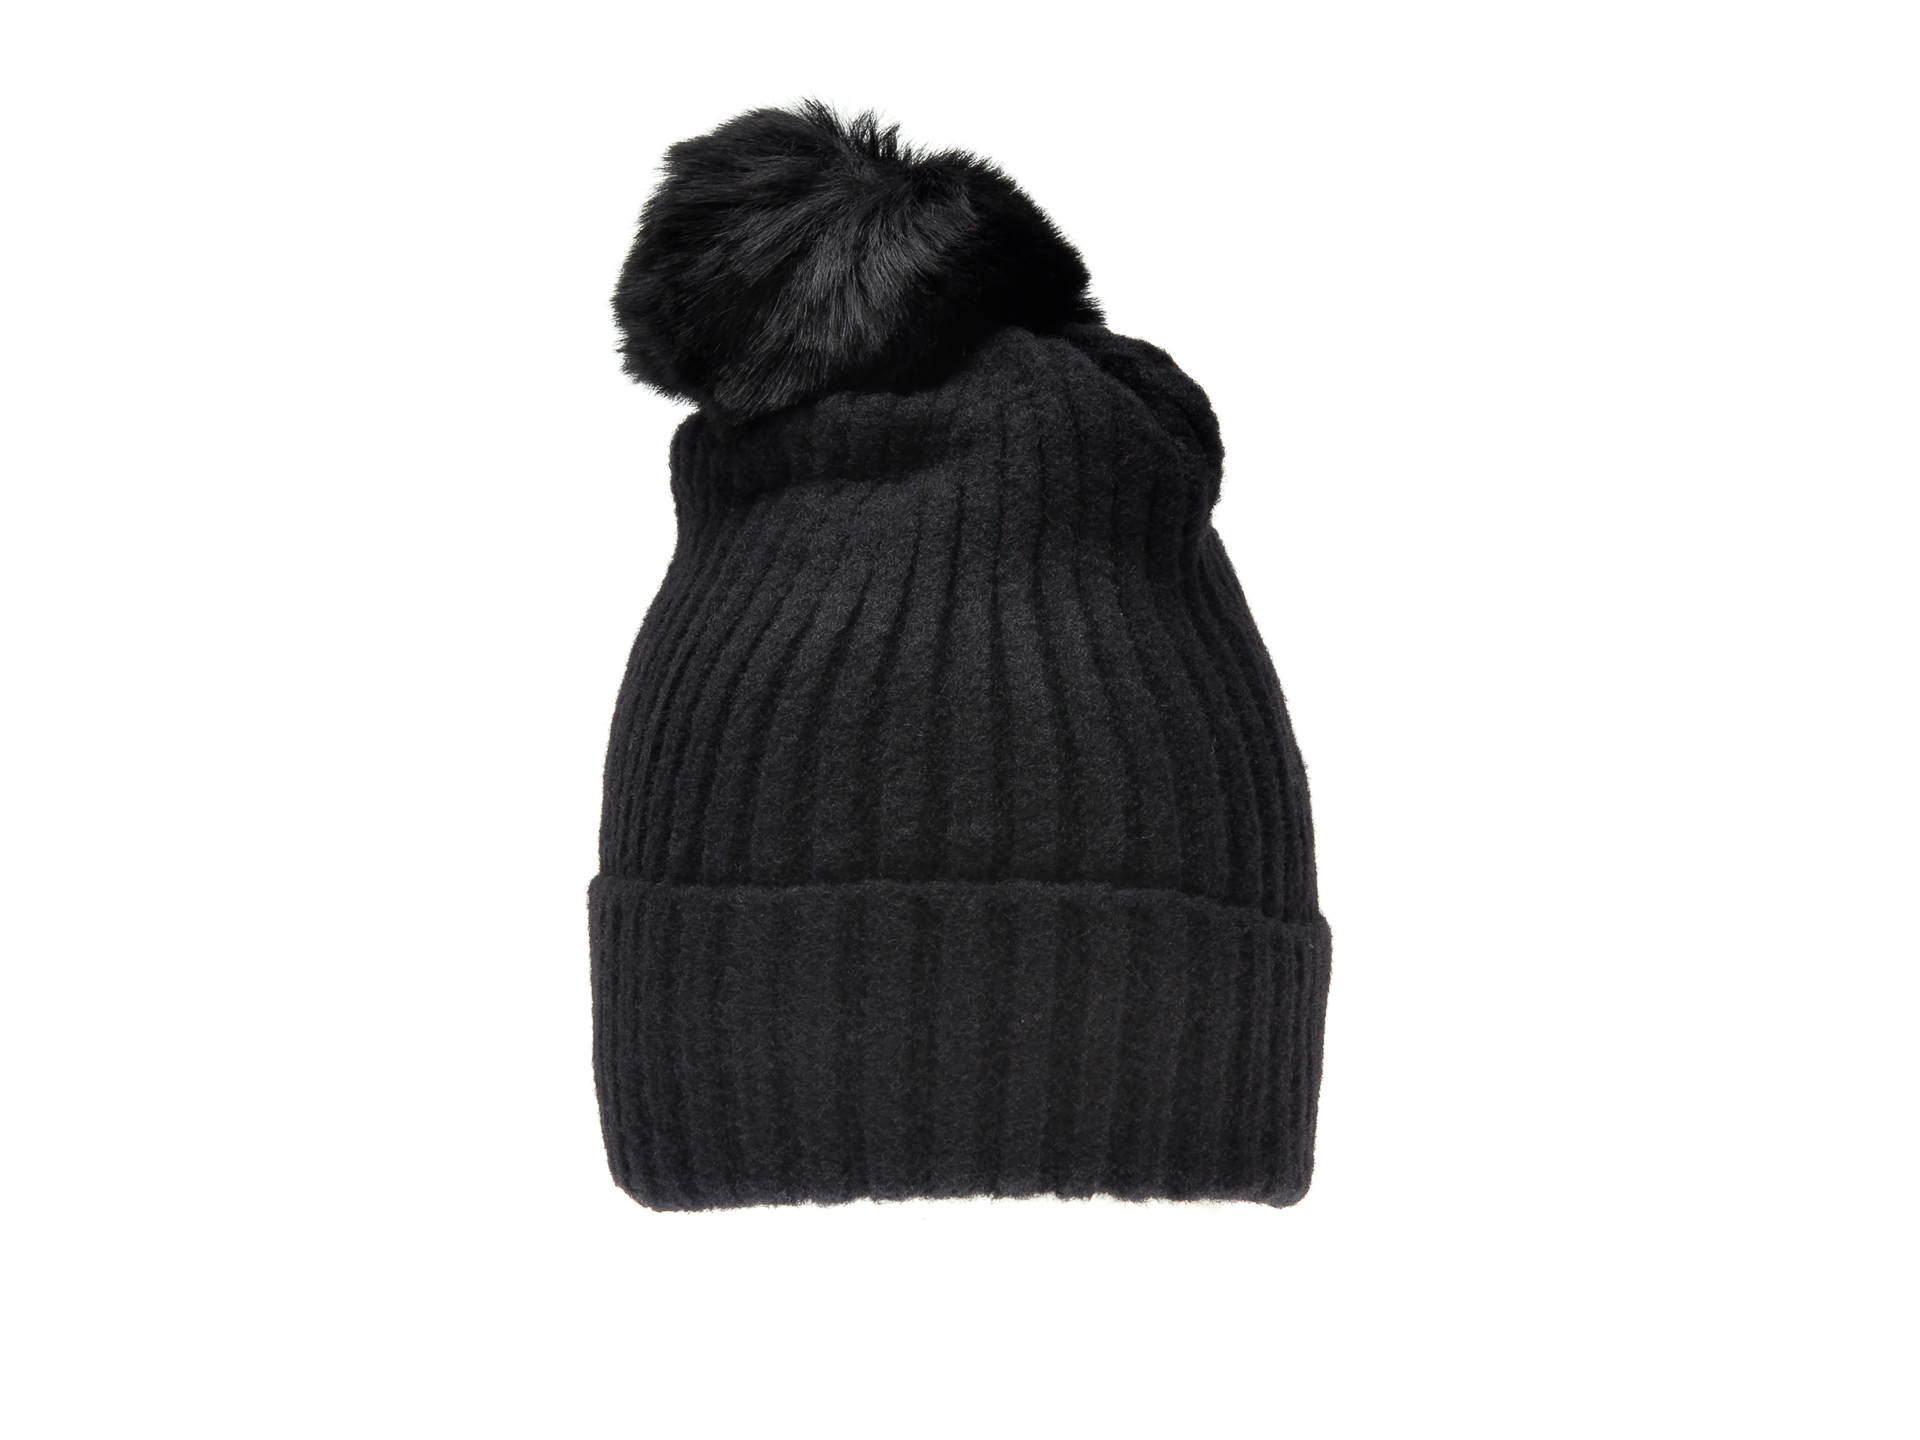 Caciula GRYXX neagra, 500, din material textil imagine otter.ro 2021